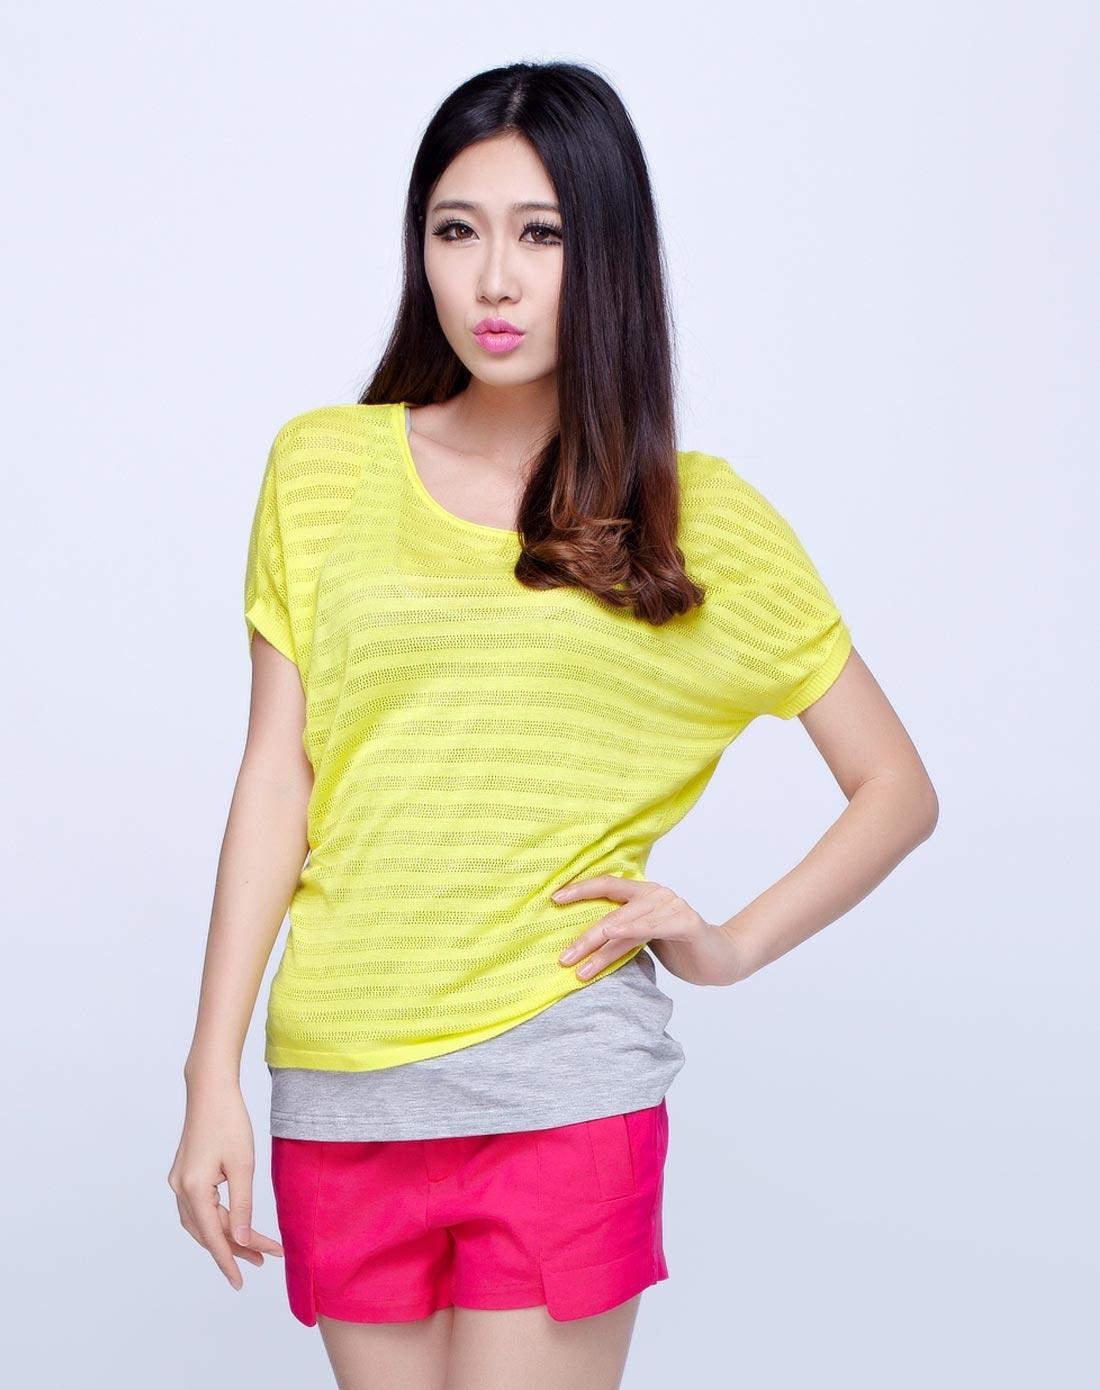 鹅黄色短袖假两件针织衫